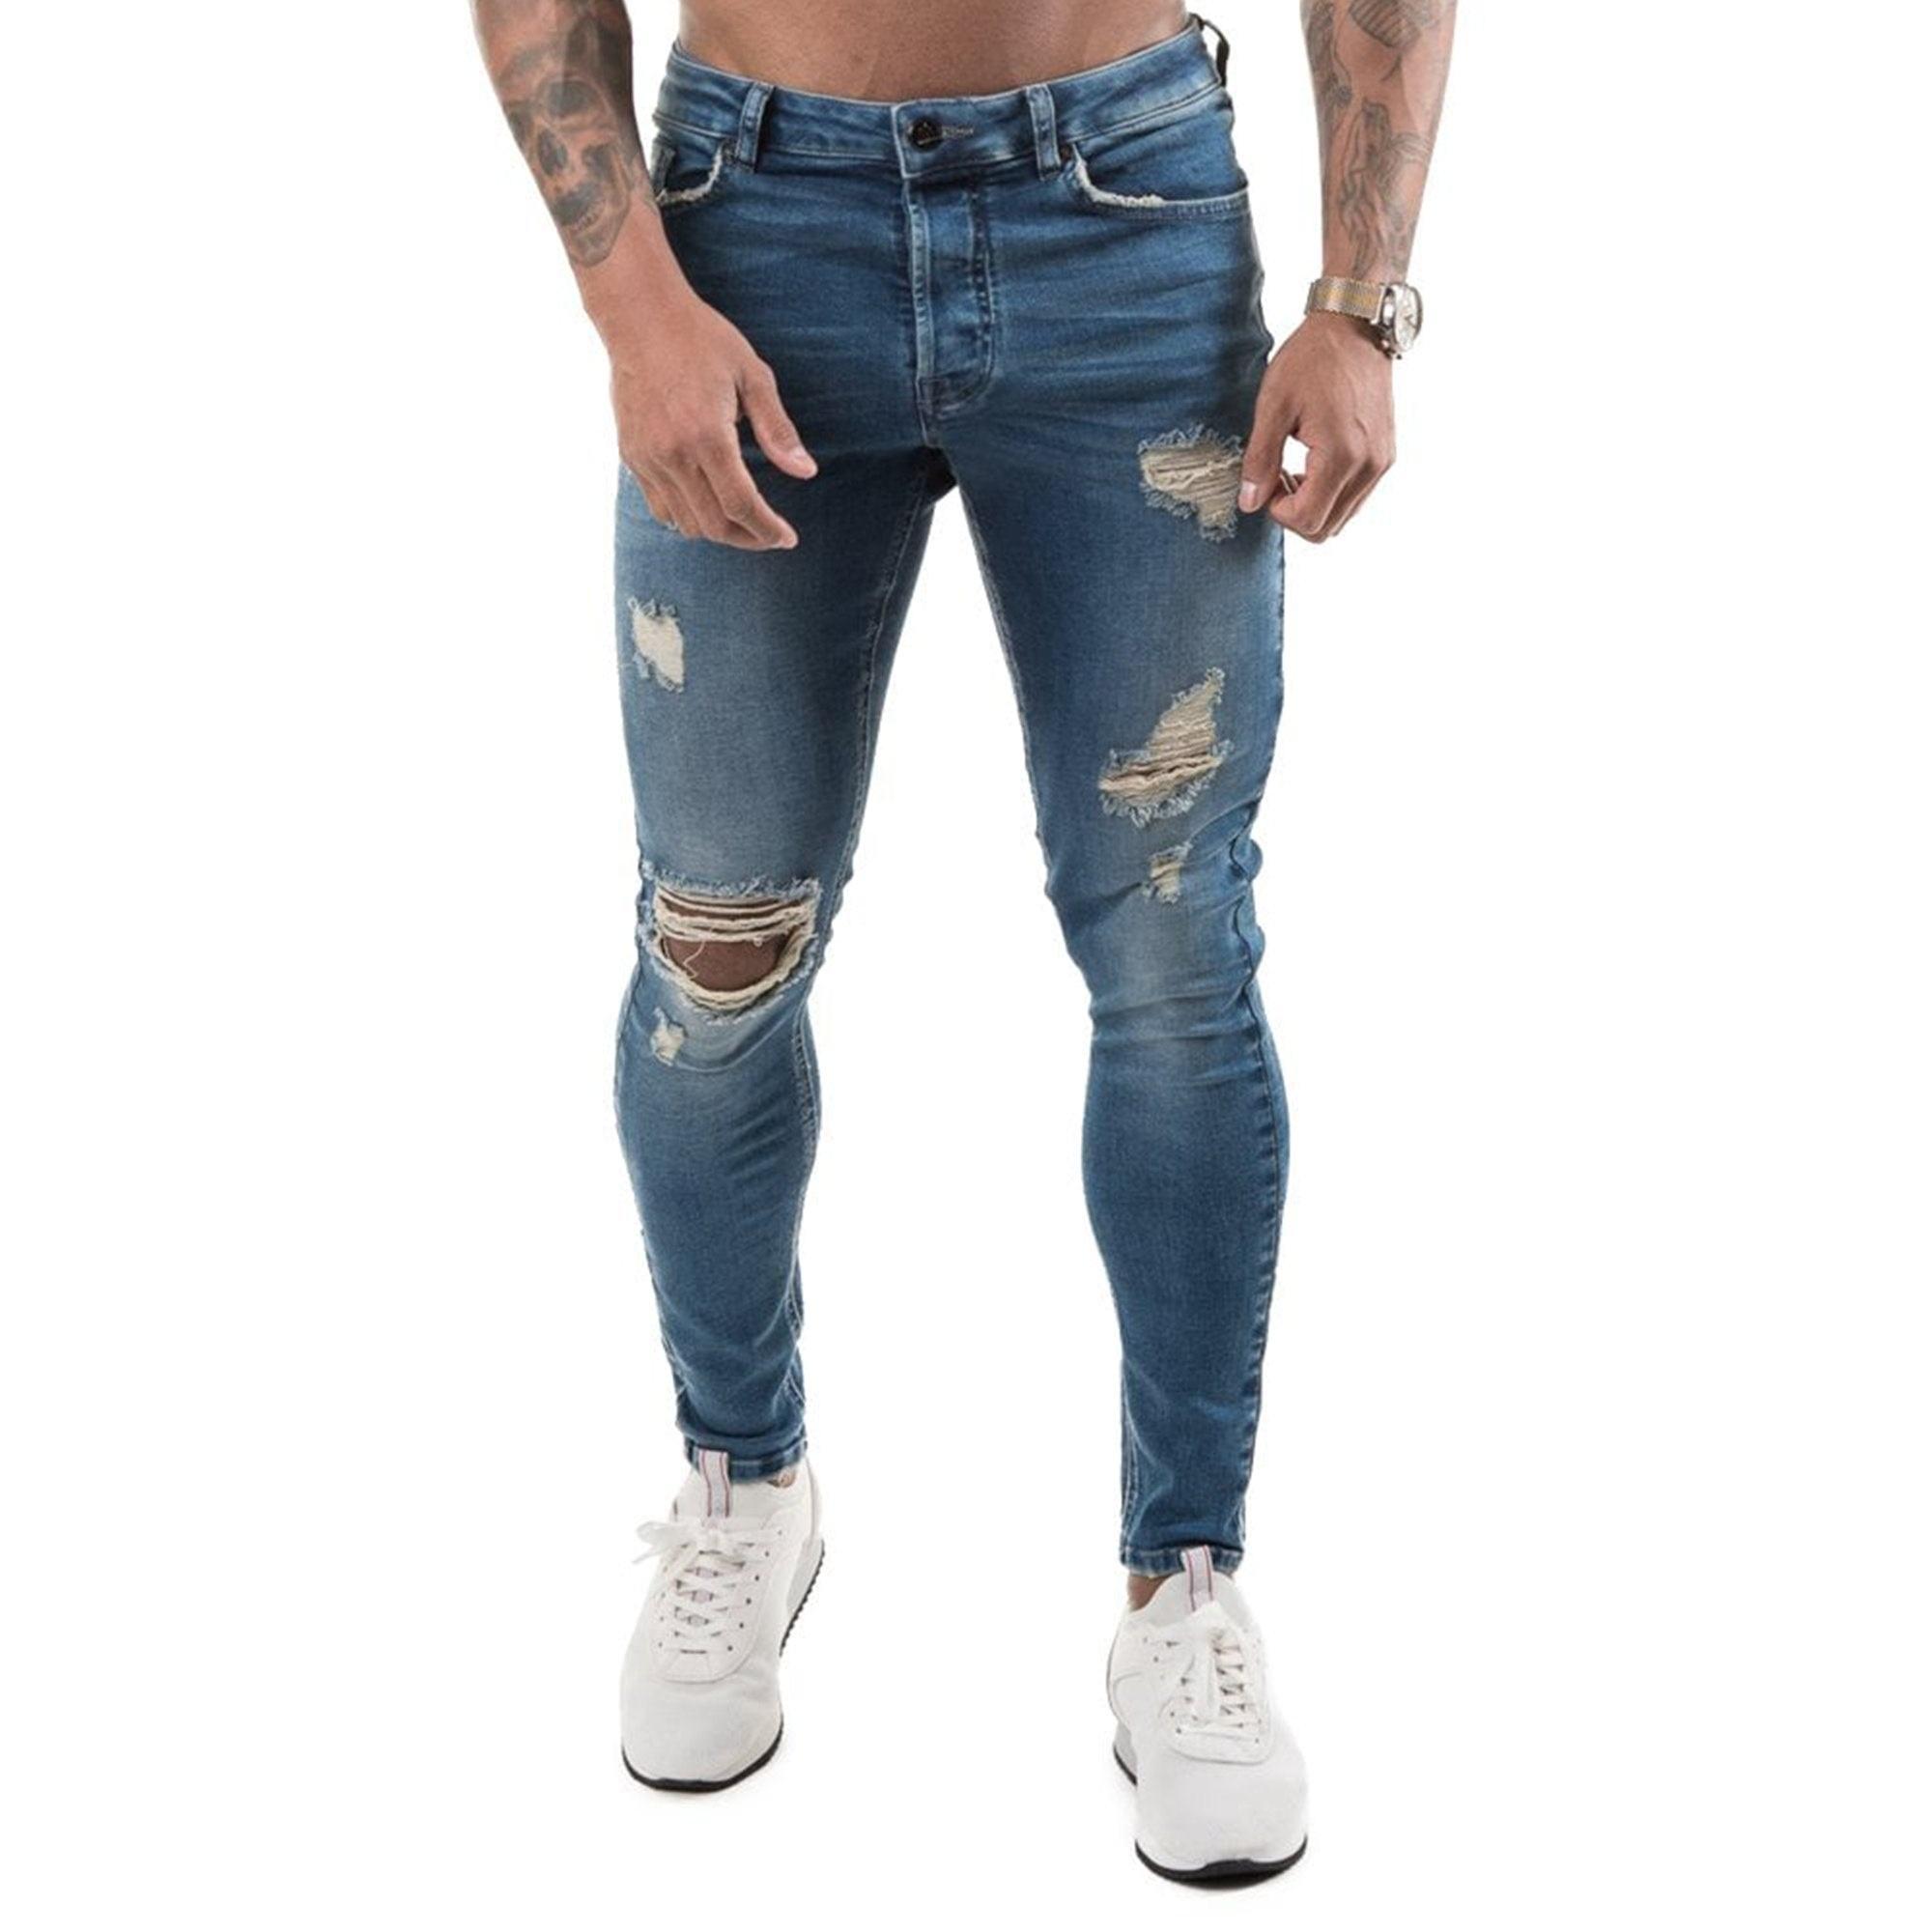 Para Mujer De La Alta Cintura Elastica Ajustados Tubo Jeans Pantalones Jeggings Damas 6 22 Reino Unido Control Ar Com Ar